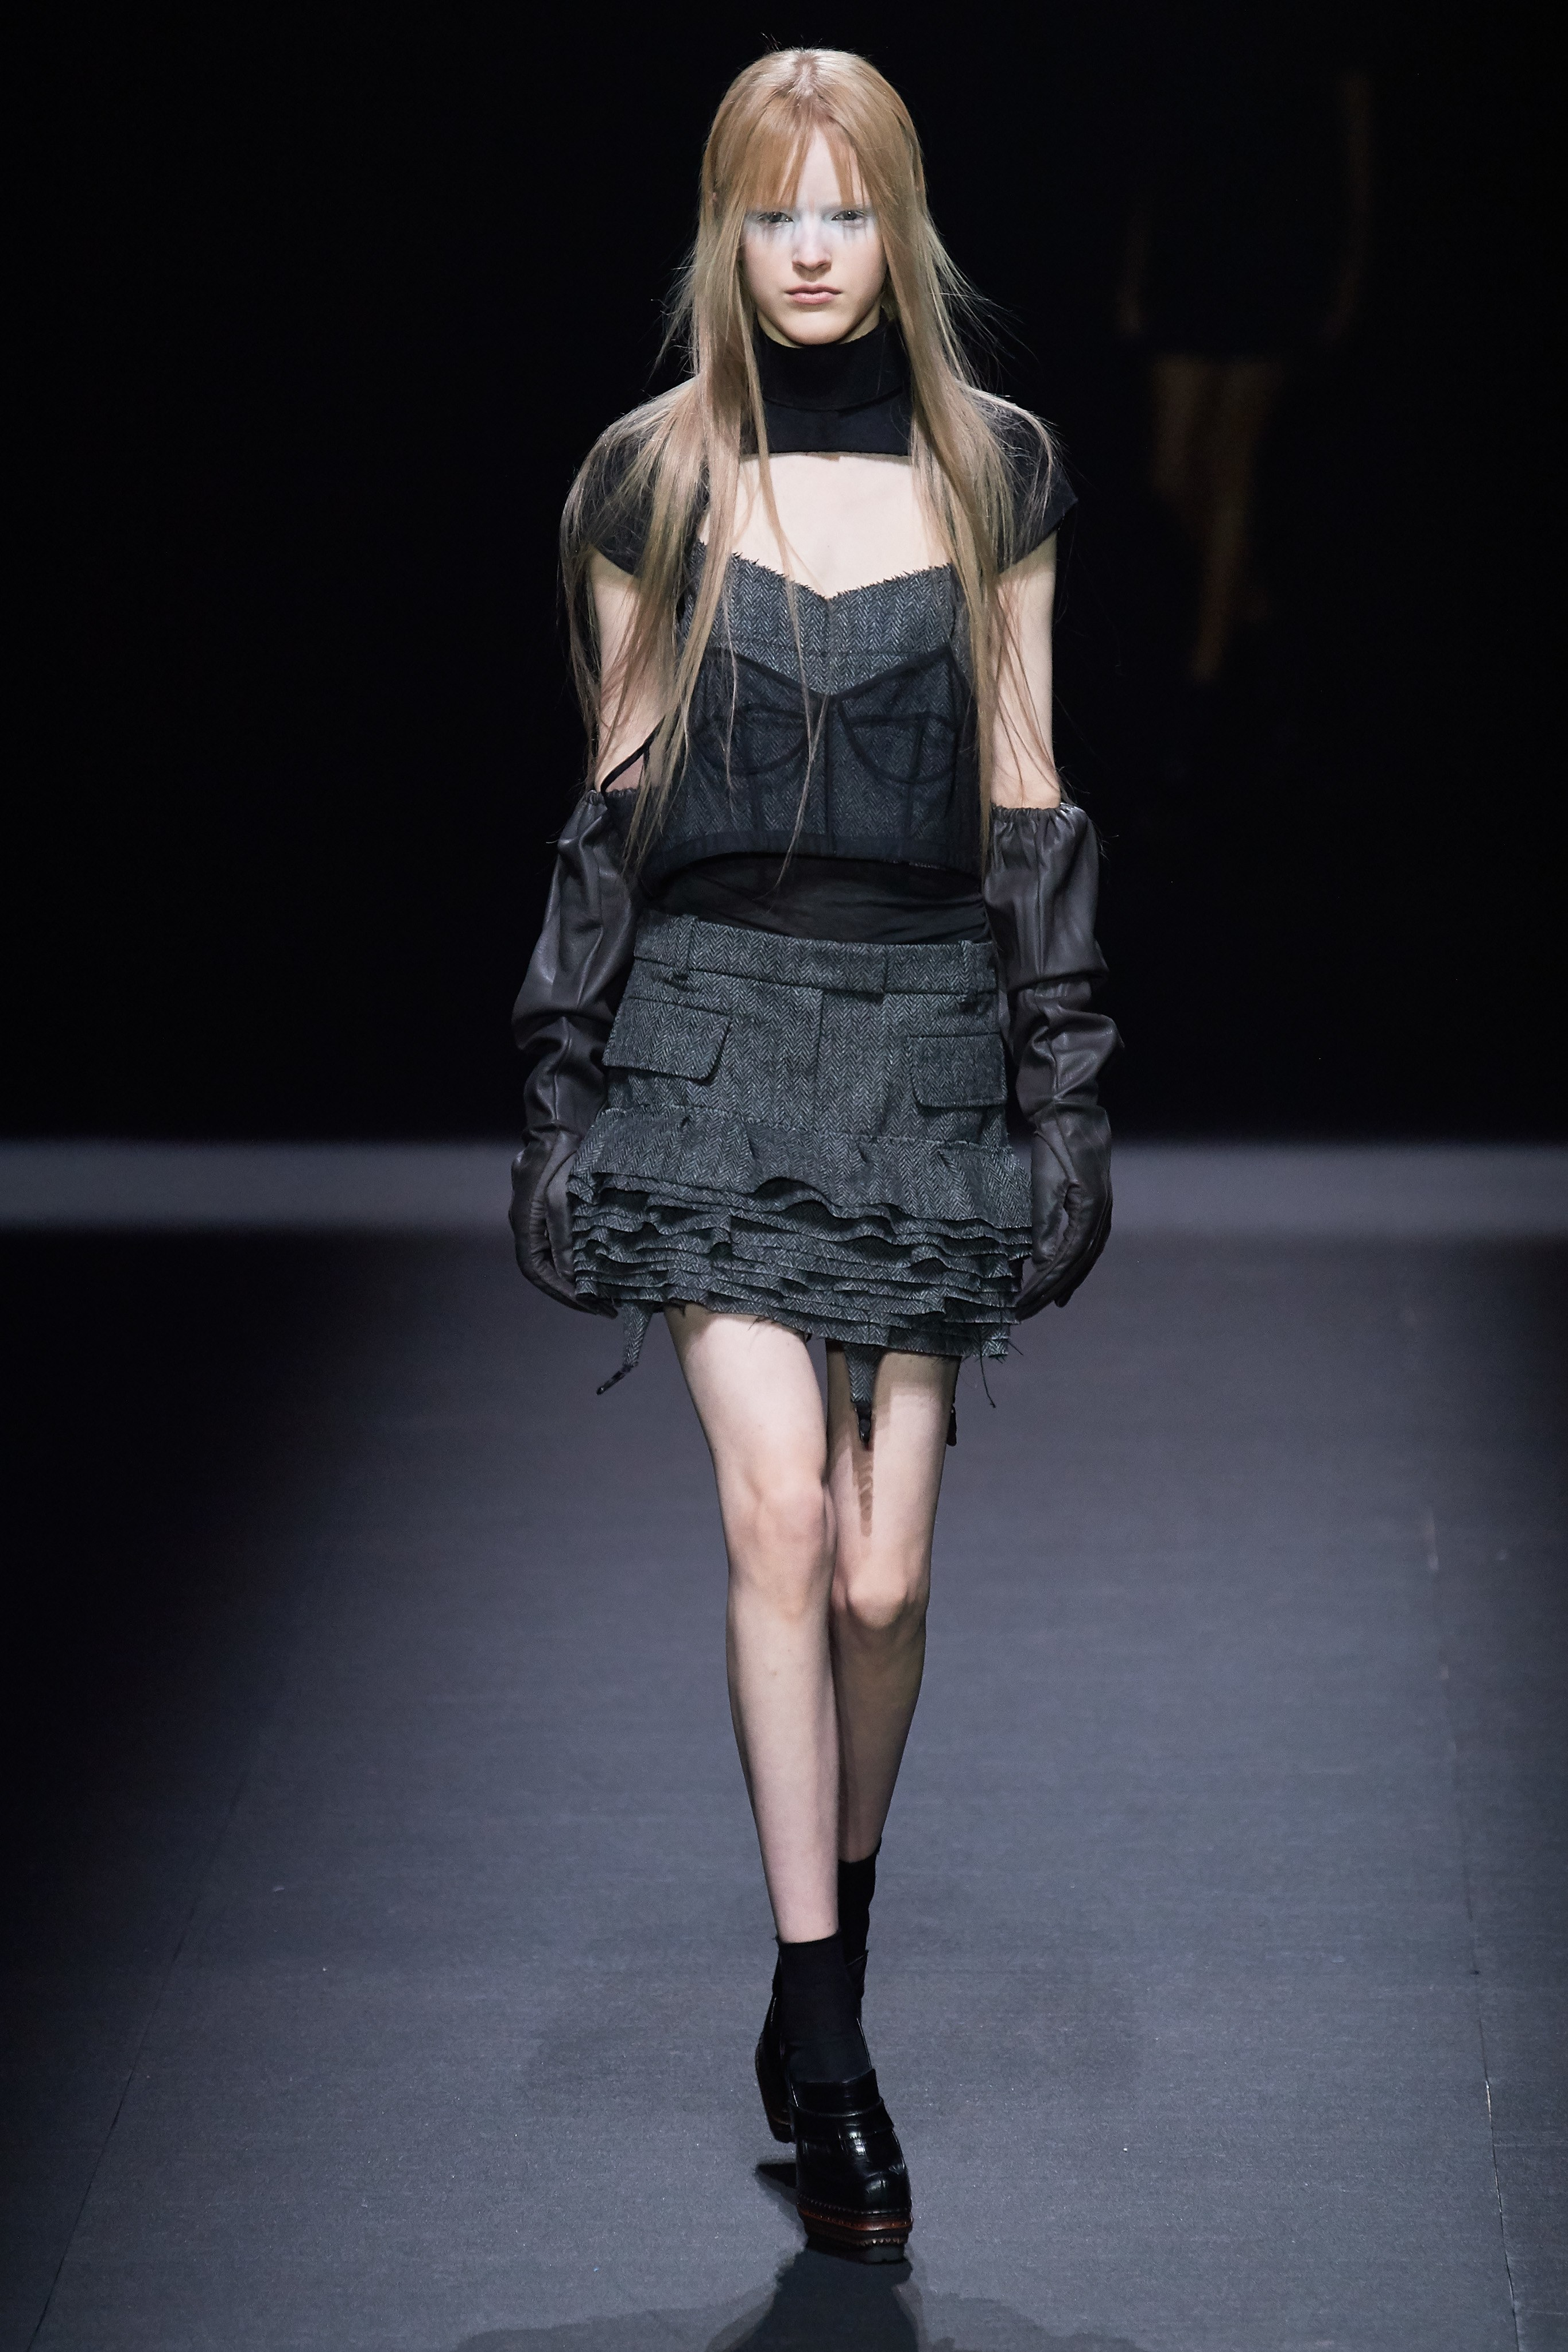 chân váy và áo màu đen xám trong bộ sưu tập vera wang